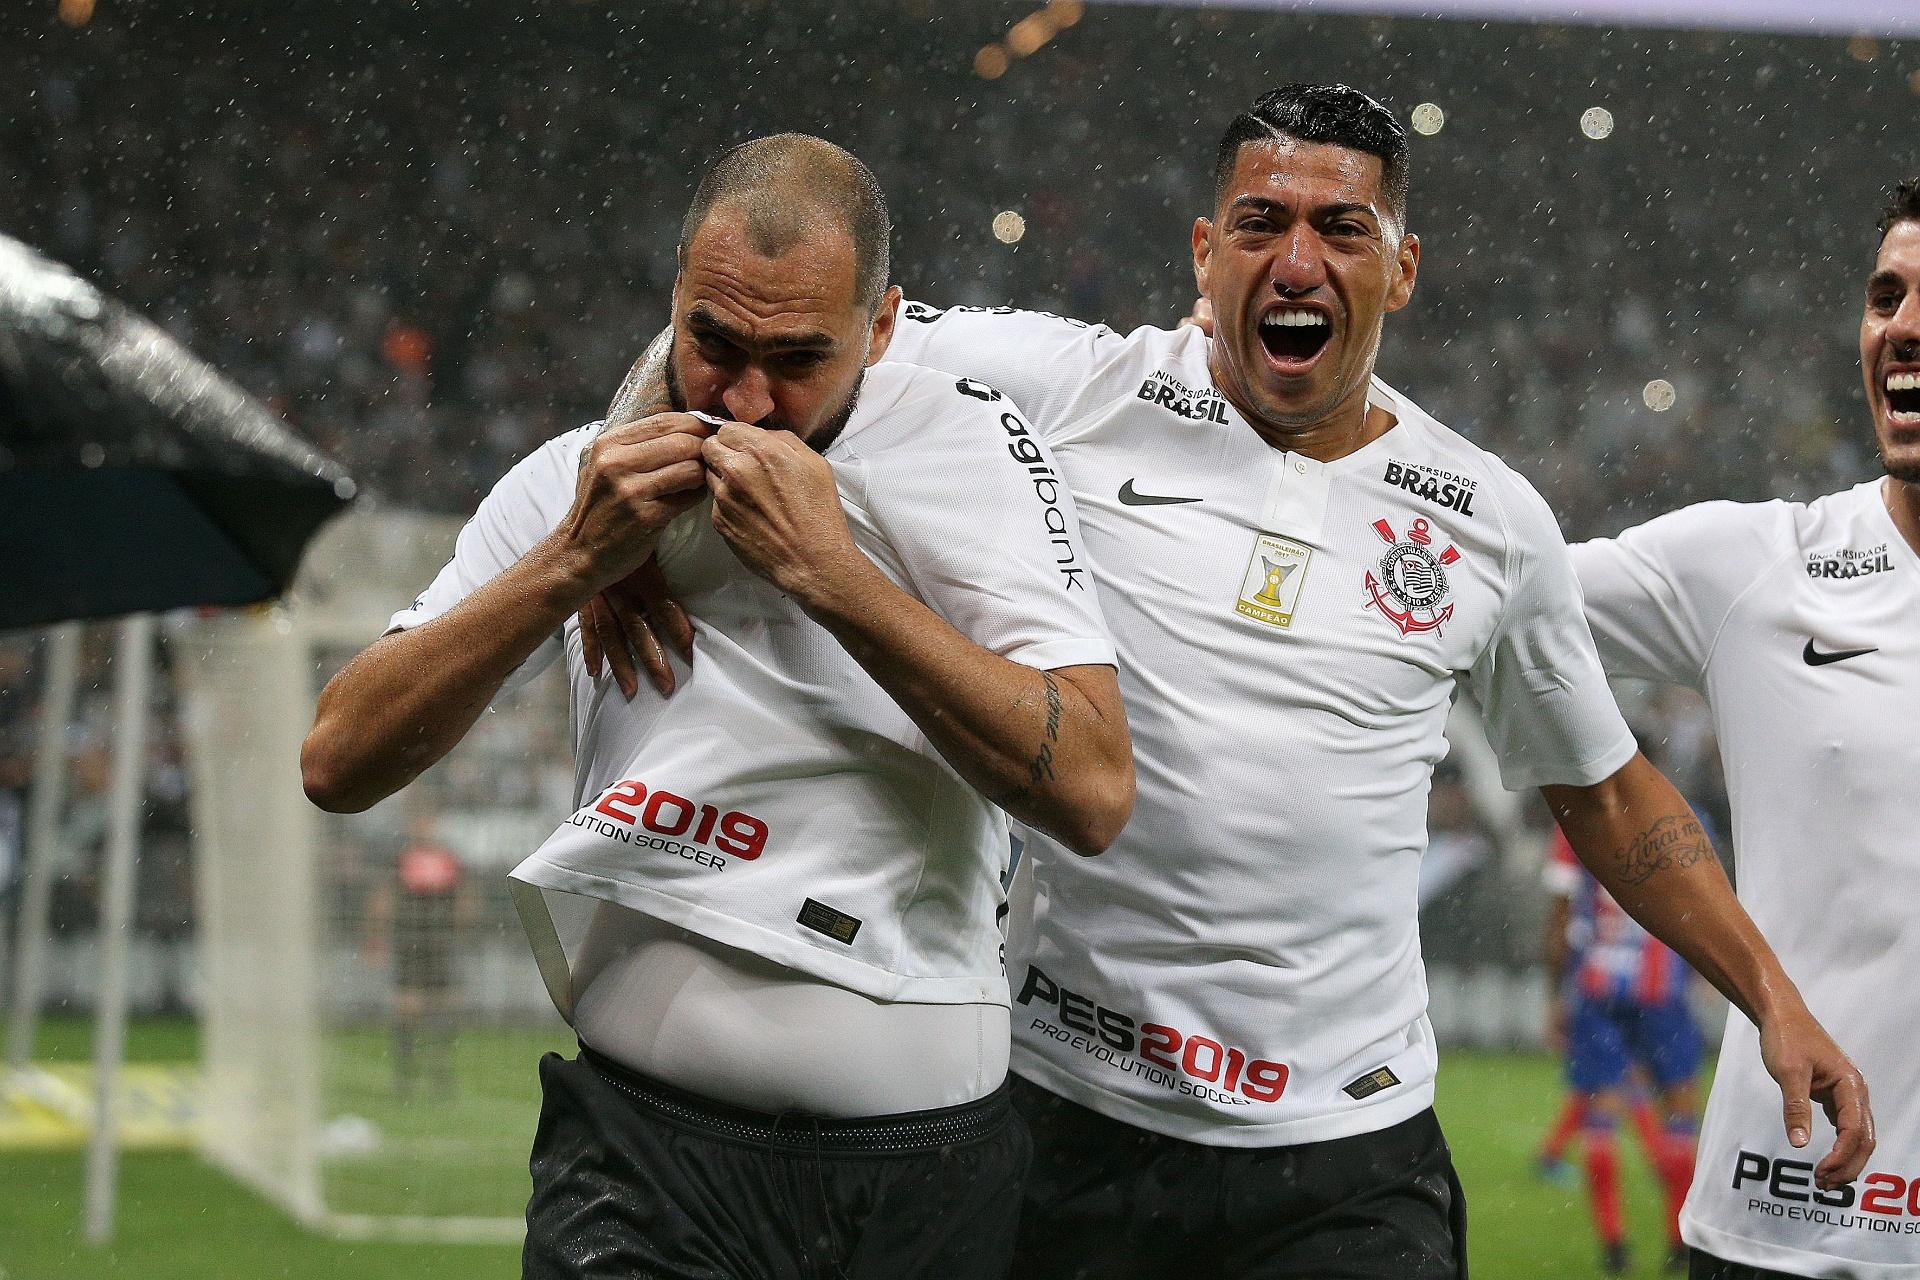 546adbbc70 Danilo marca dois sobre o Bahia e ajuda Corinthians a acabar com jejum - 27  10 2018 - UOL Esporte